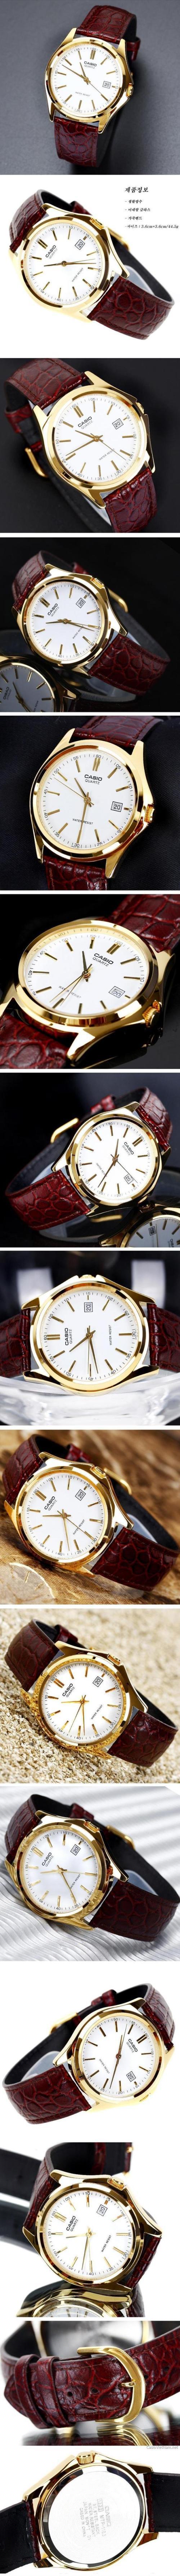 Cách chọn đồng hồ nữ đẹp ưng ý nhất